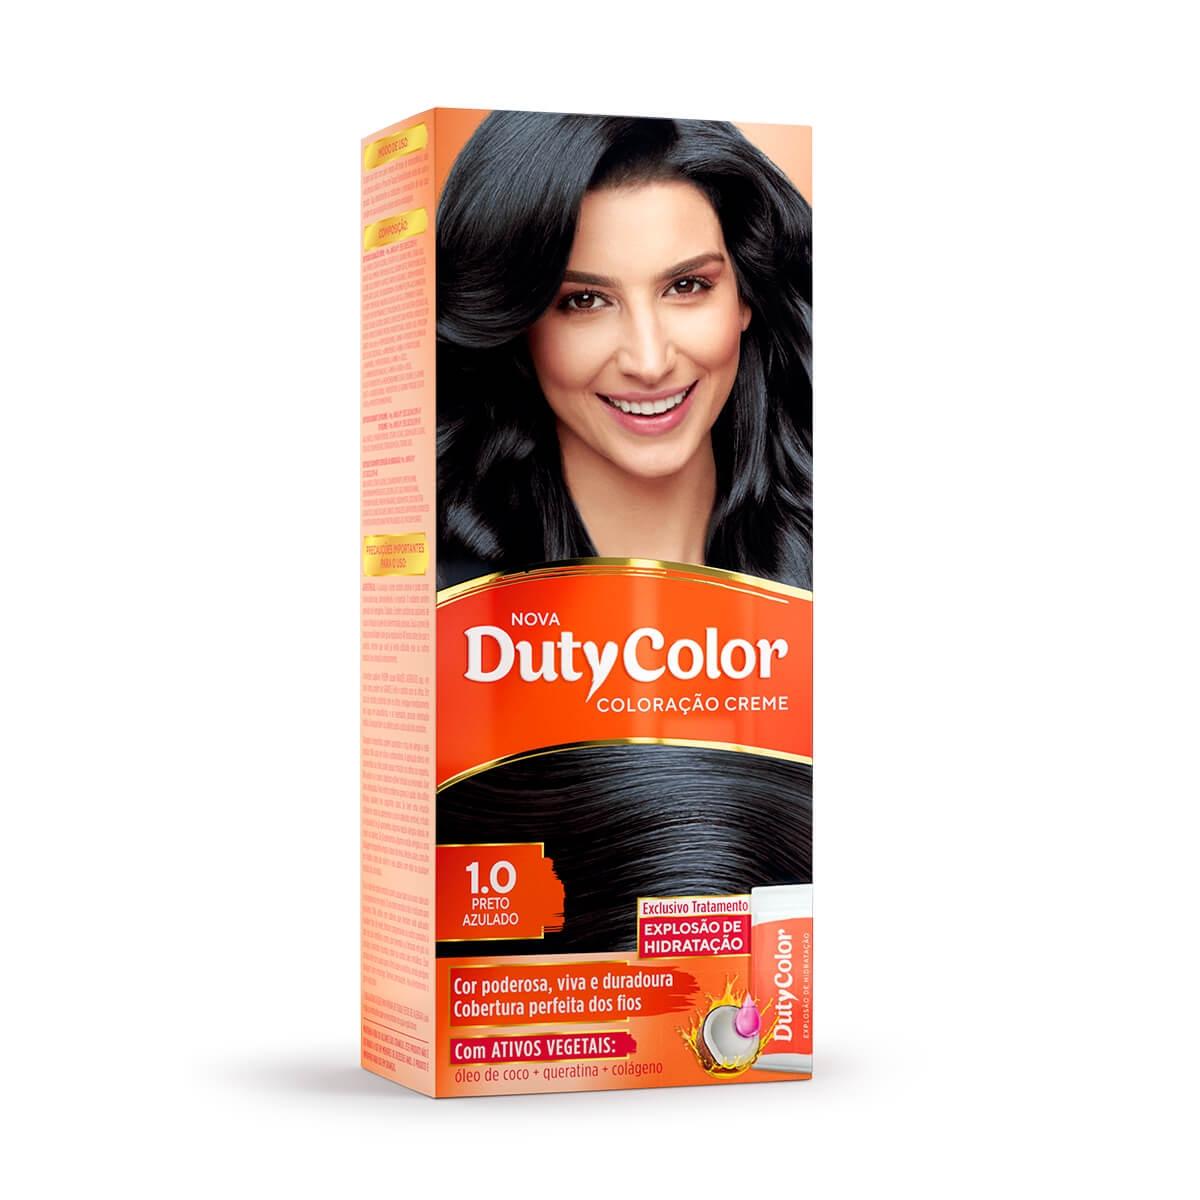 Coloração Creme DutyColor 1.0 Preto Azulado 1 Unidade